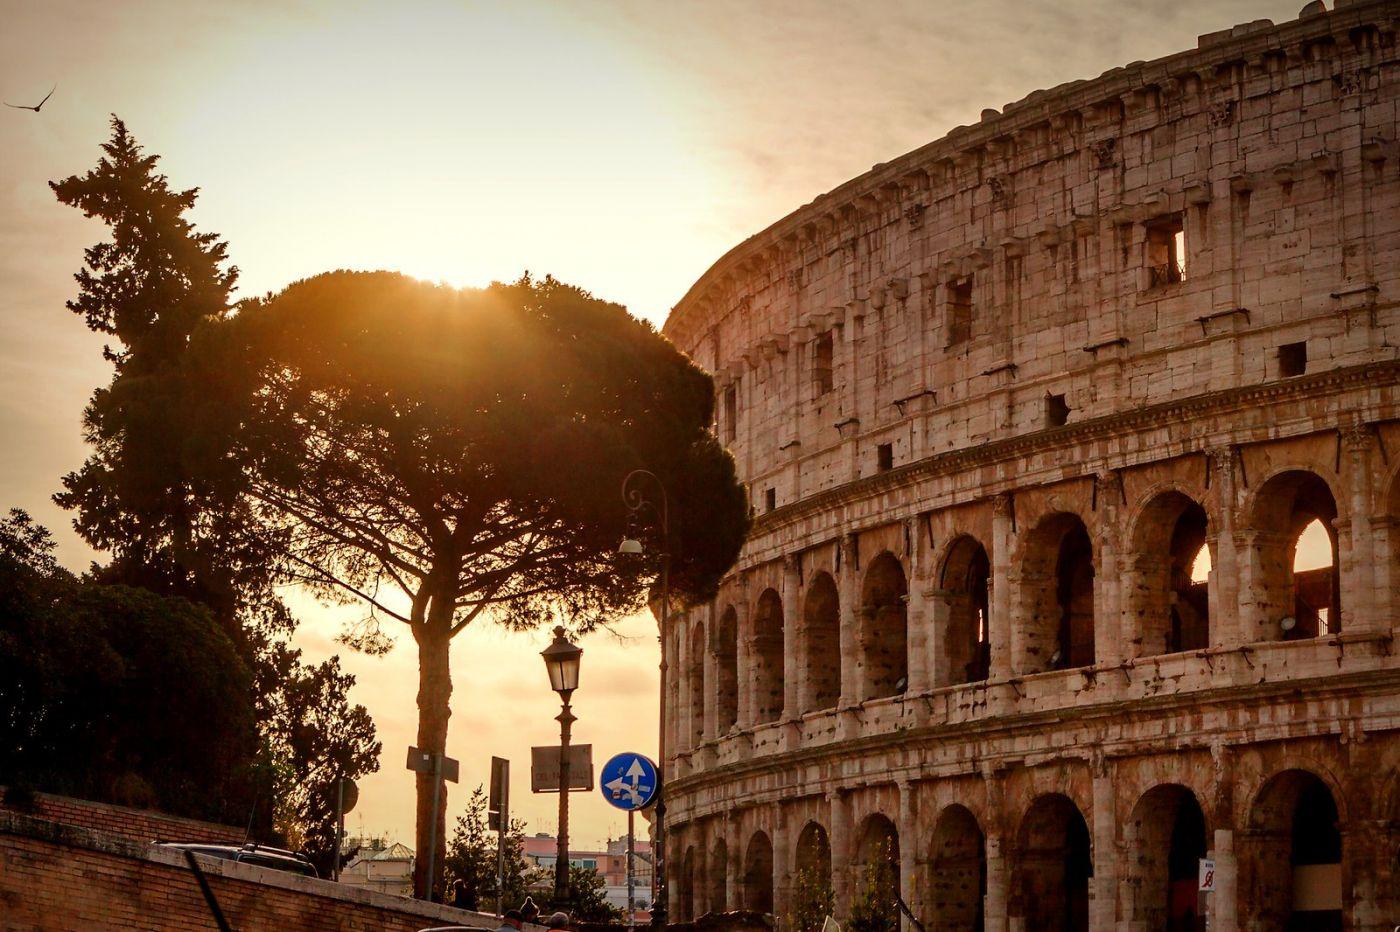 罗马斗兽场(Colosseum), 两千年的宏大建筑古迹_图1-23